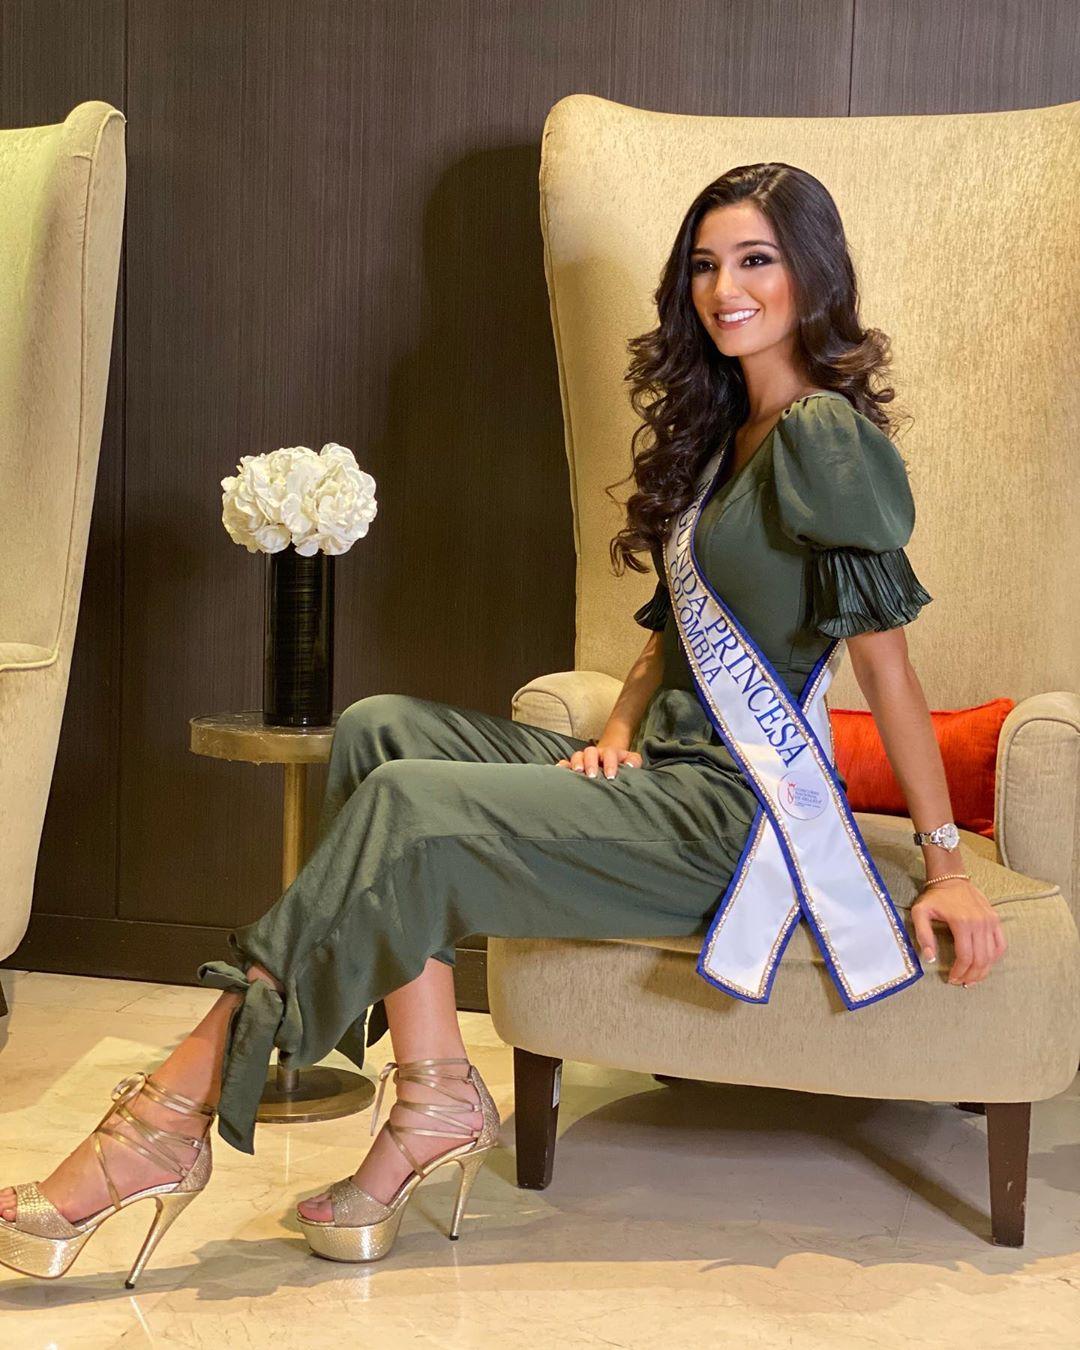 mariana jaramillo, miss charm colombia 2020. - Página 2 87322110